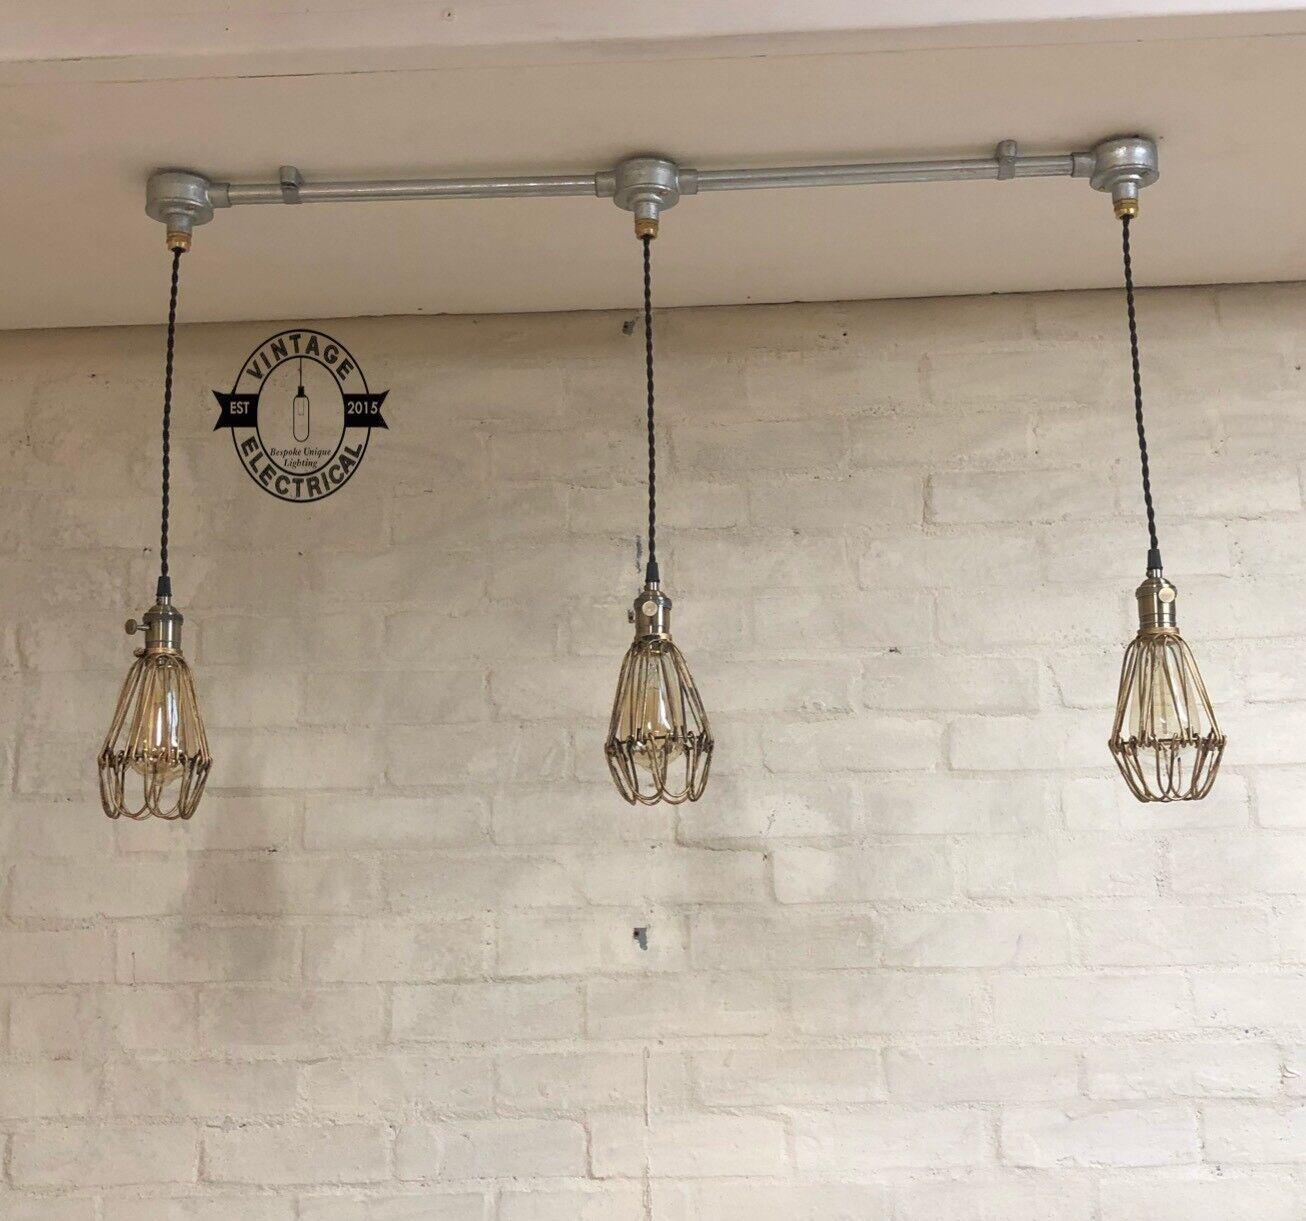 Hemsby 3 x jaula de acero de Latón Antiguo Luz de Mesa de techo colgante accesorio vintage